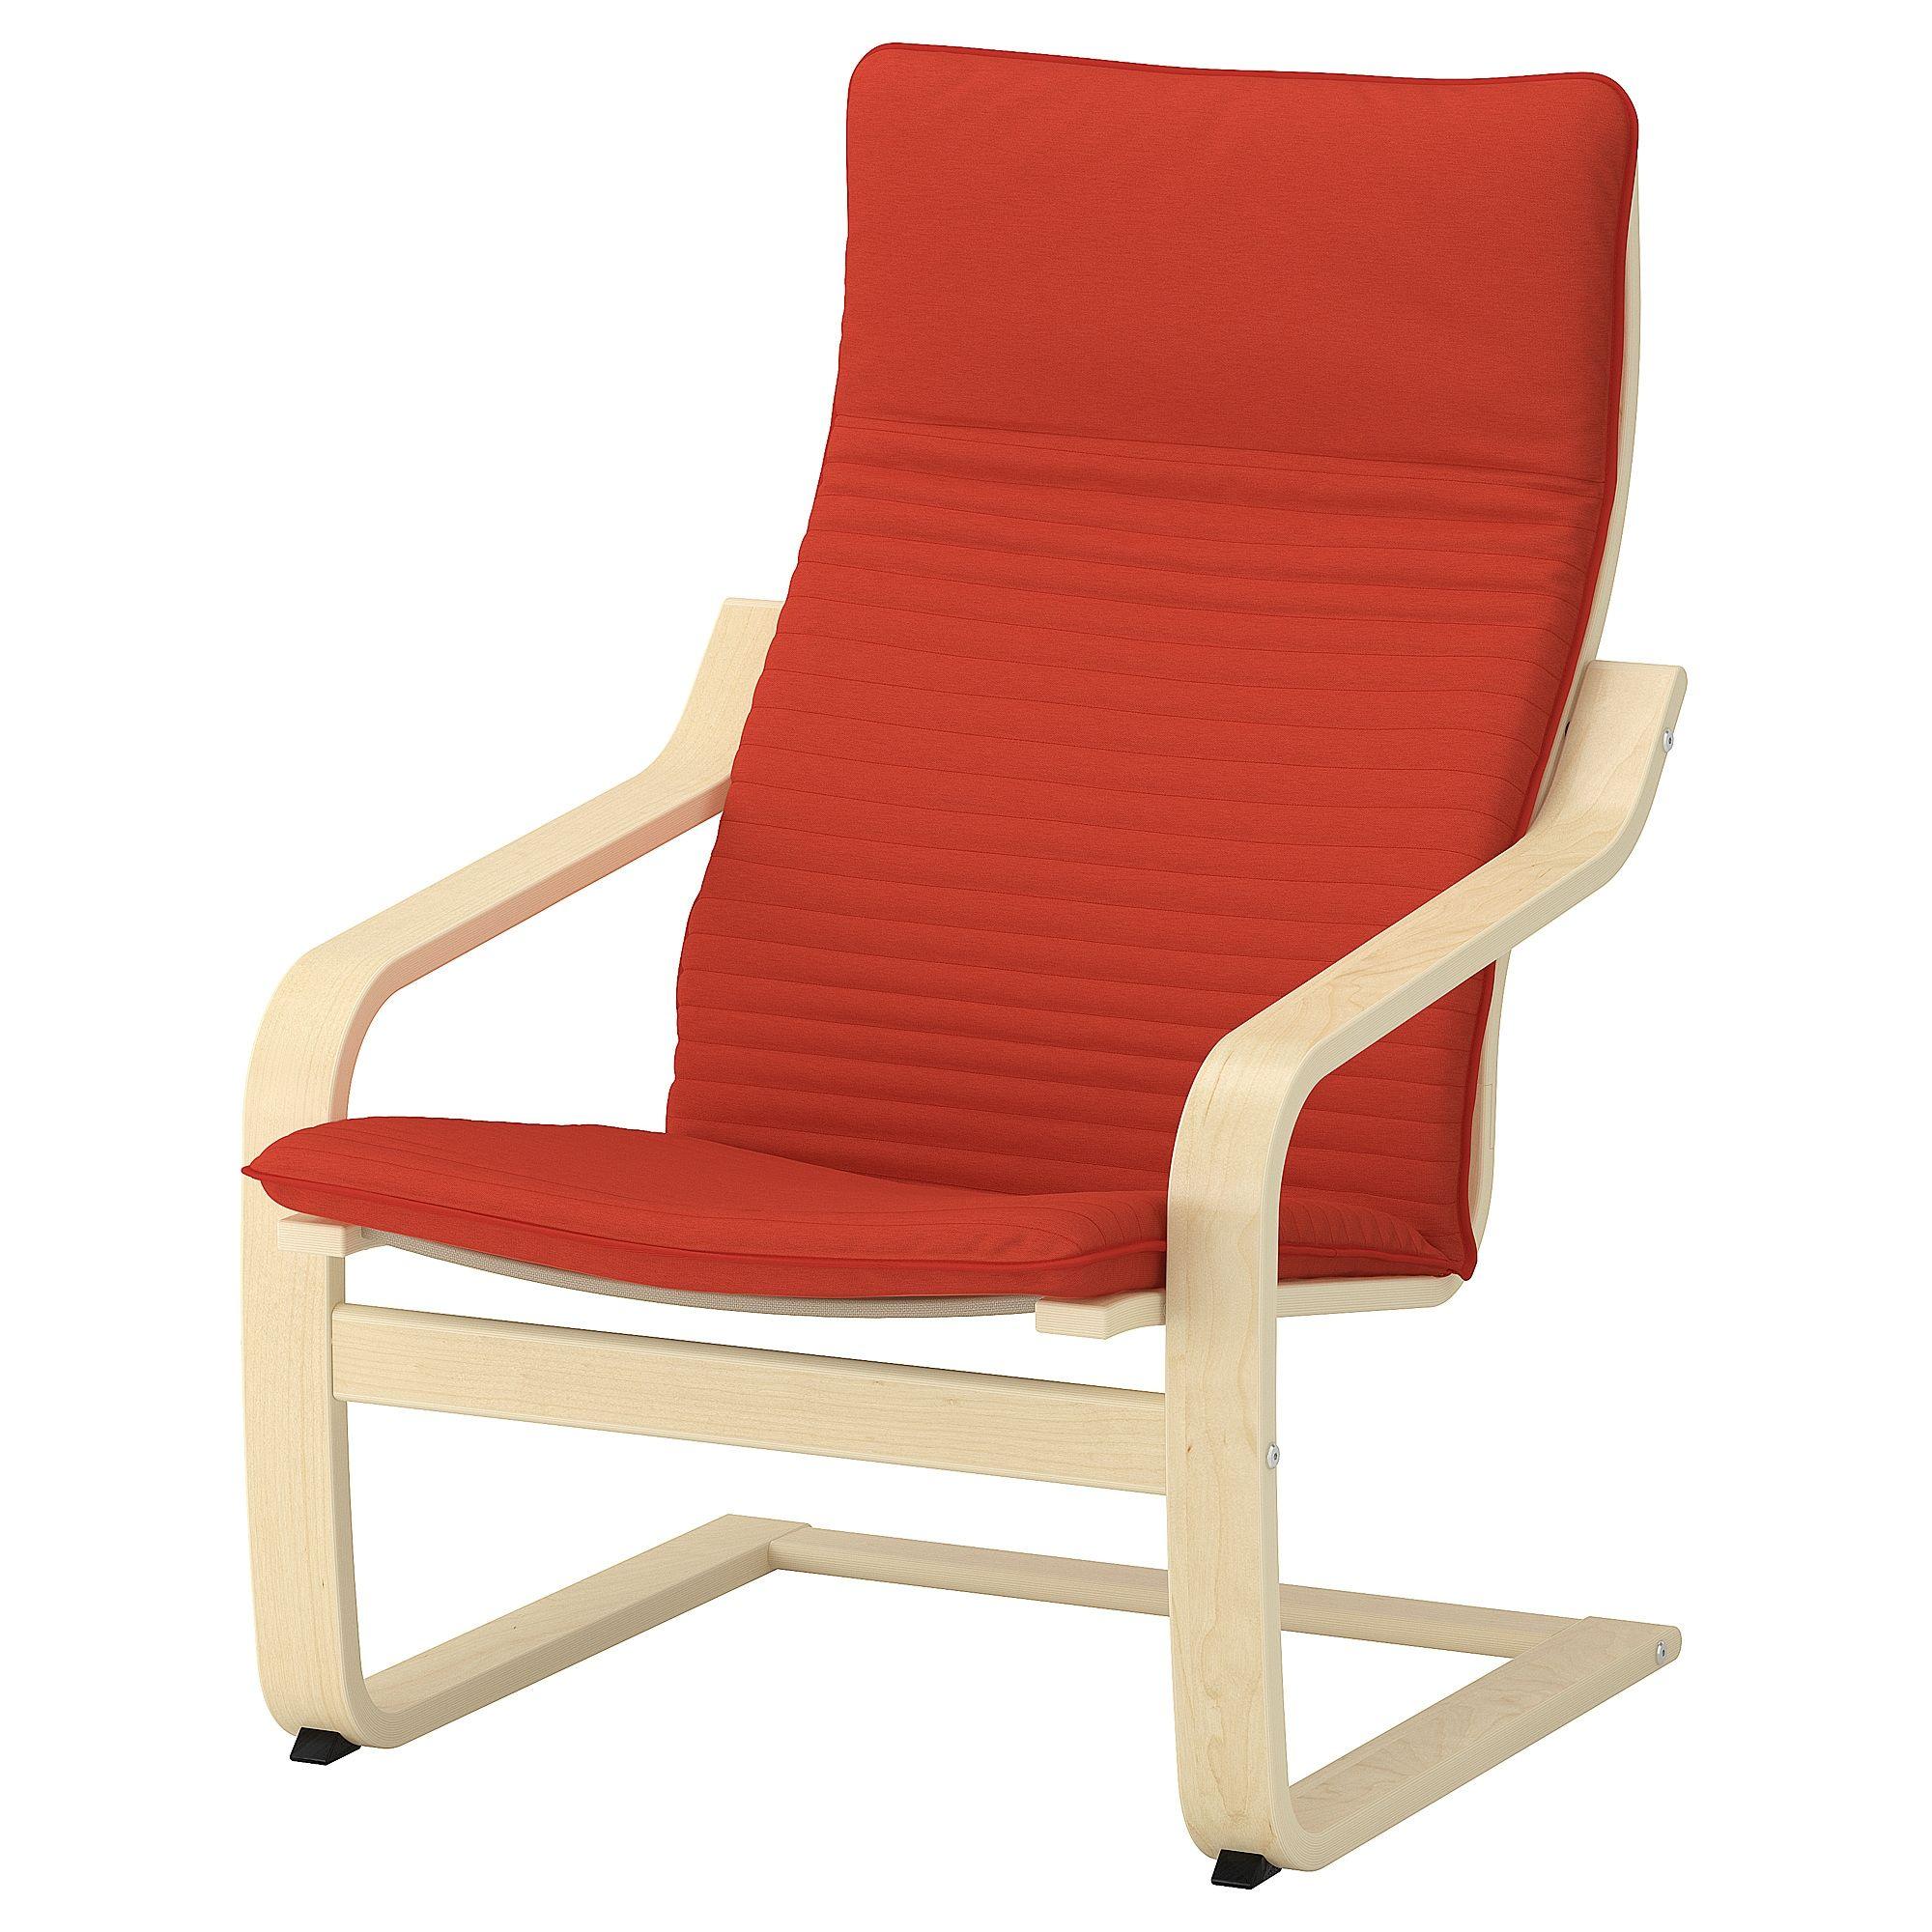 Ikea Poang Birch Veneer Knisa Orange Red Orange Armchair Ikea